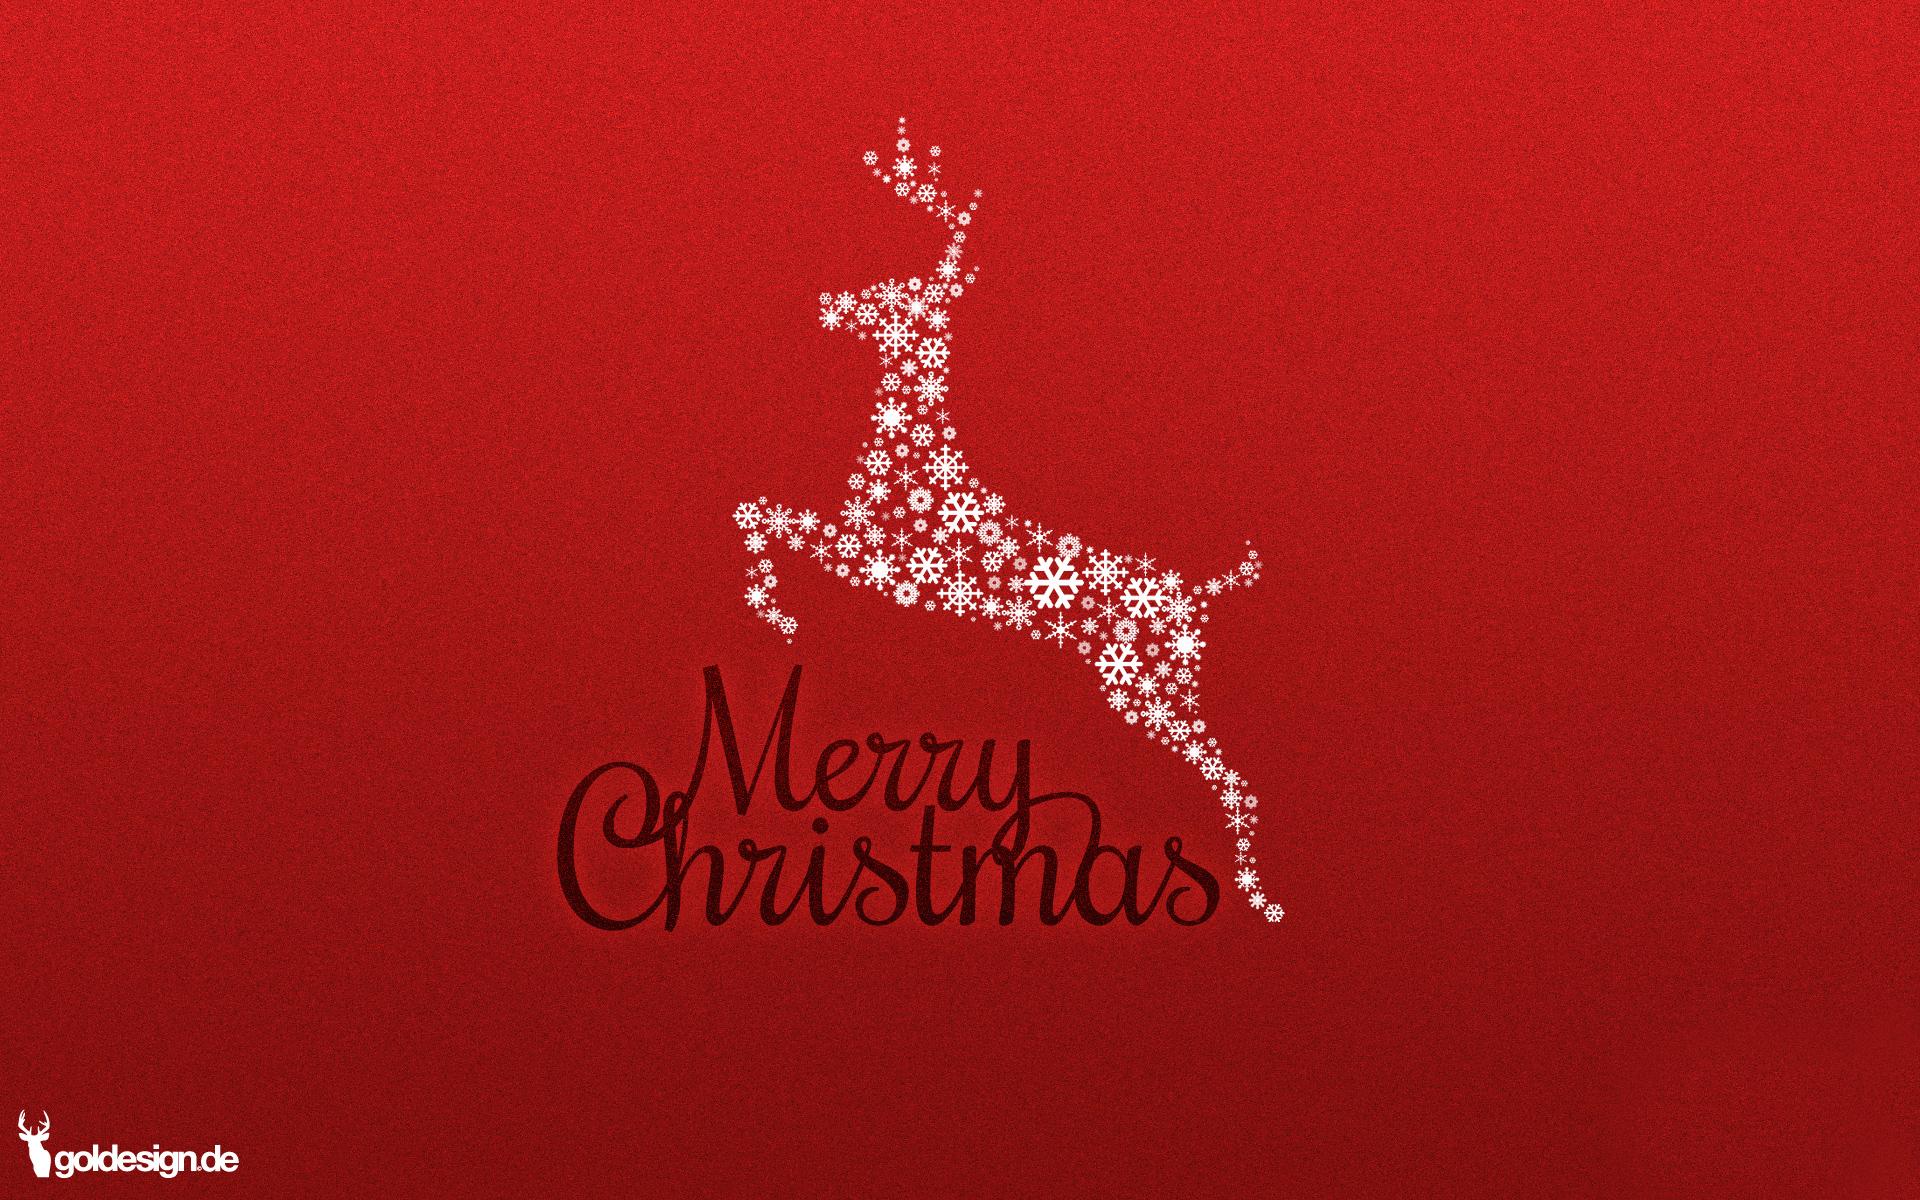 happy christmas hd wallpaper - hd desktop wallpapers | 4k hd